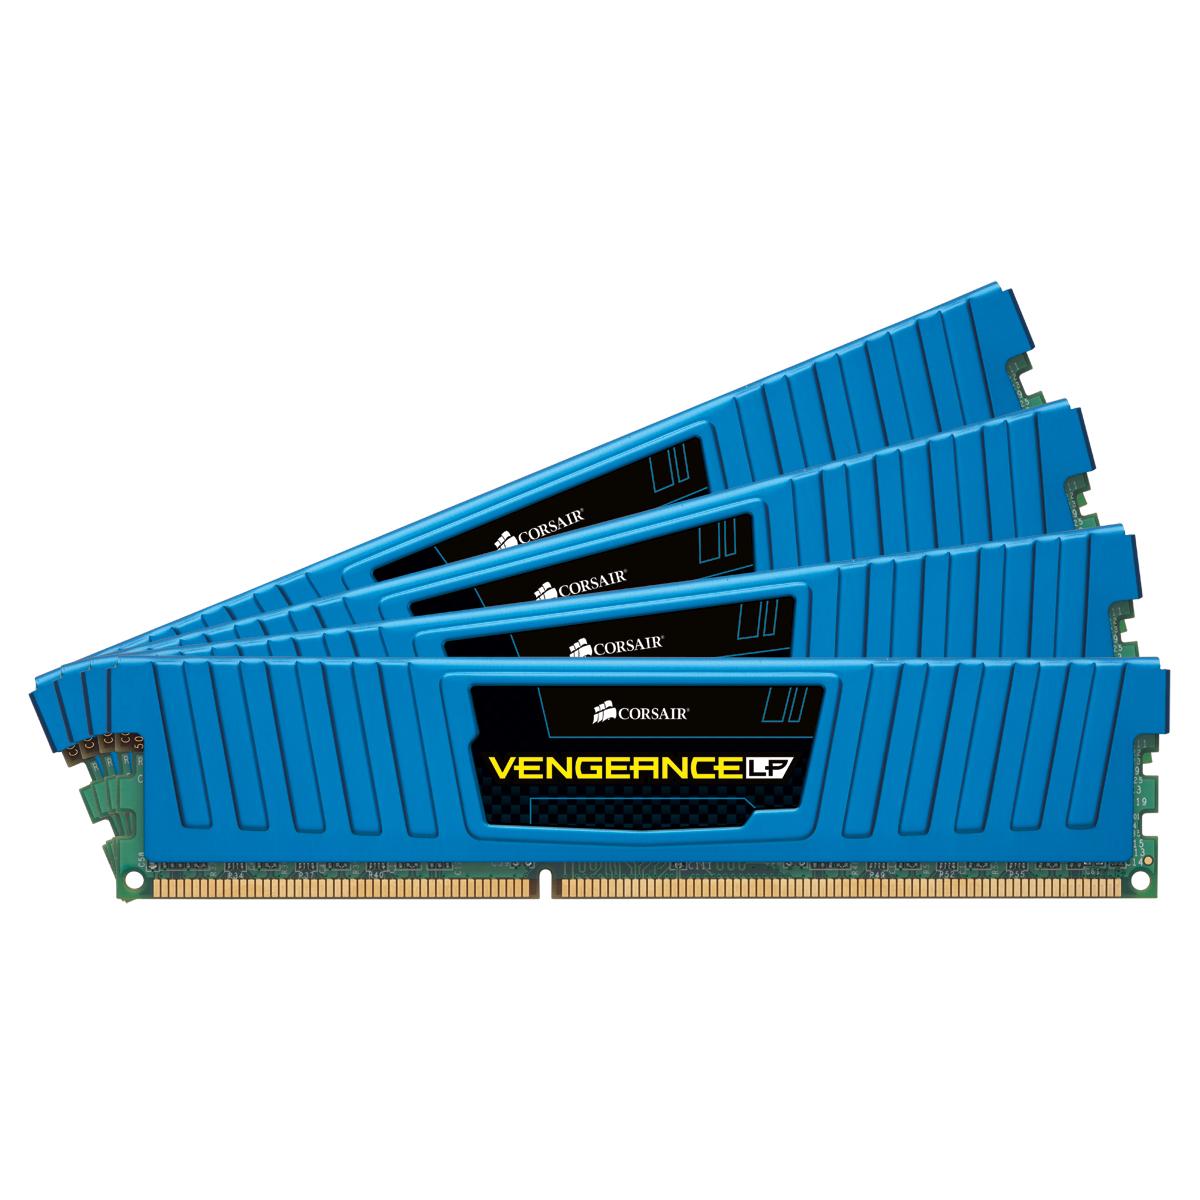 Mémoire PC Corsair Vengeance Low Profile Series 32 Go (4x 8 Go) DDR3 1600 MHz CL10 Bleu Kit Quad Channel RAM DDR3 PC12800 - CML32GX3M4A1600C10B (garantie 10 ans par Corsair)